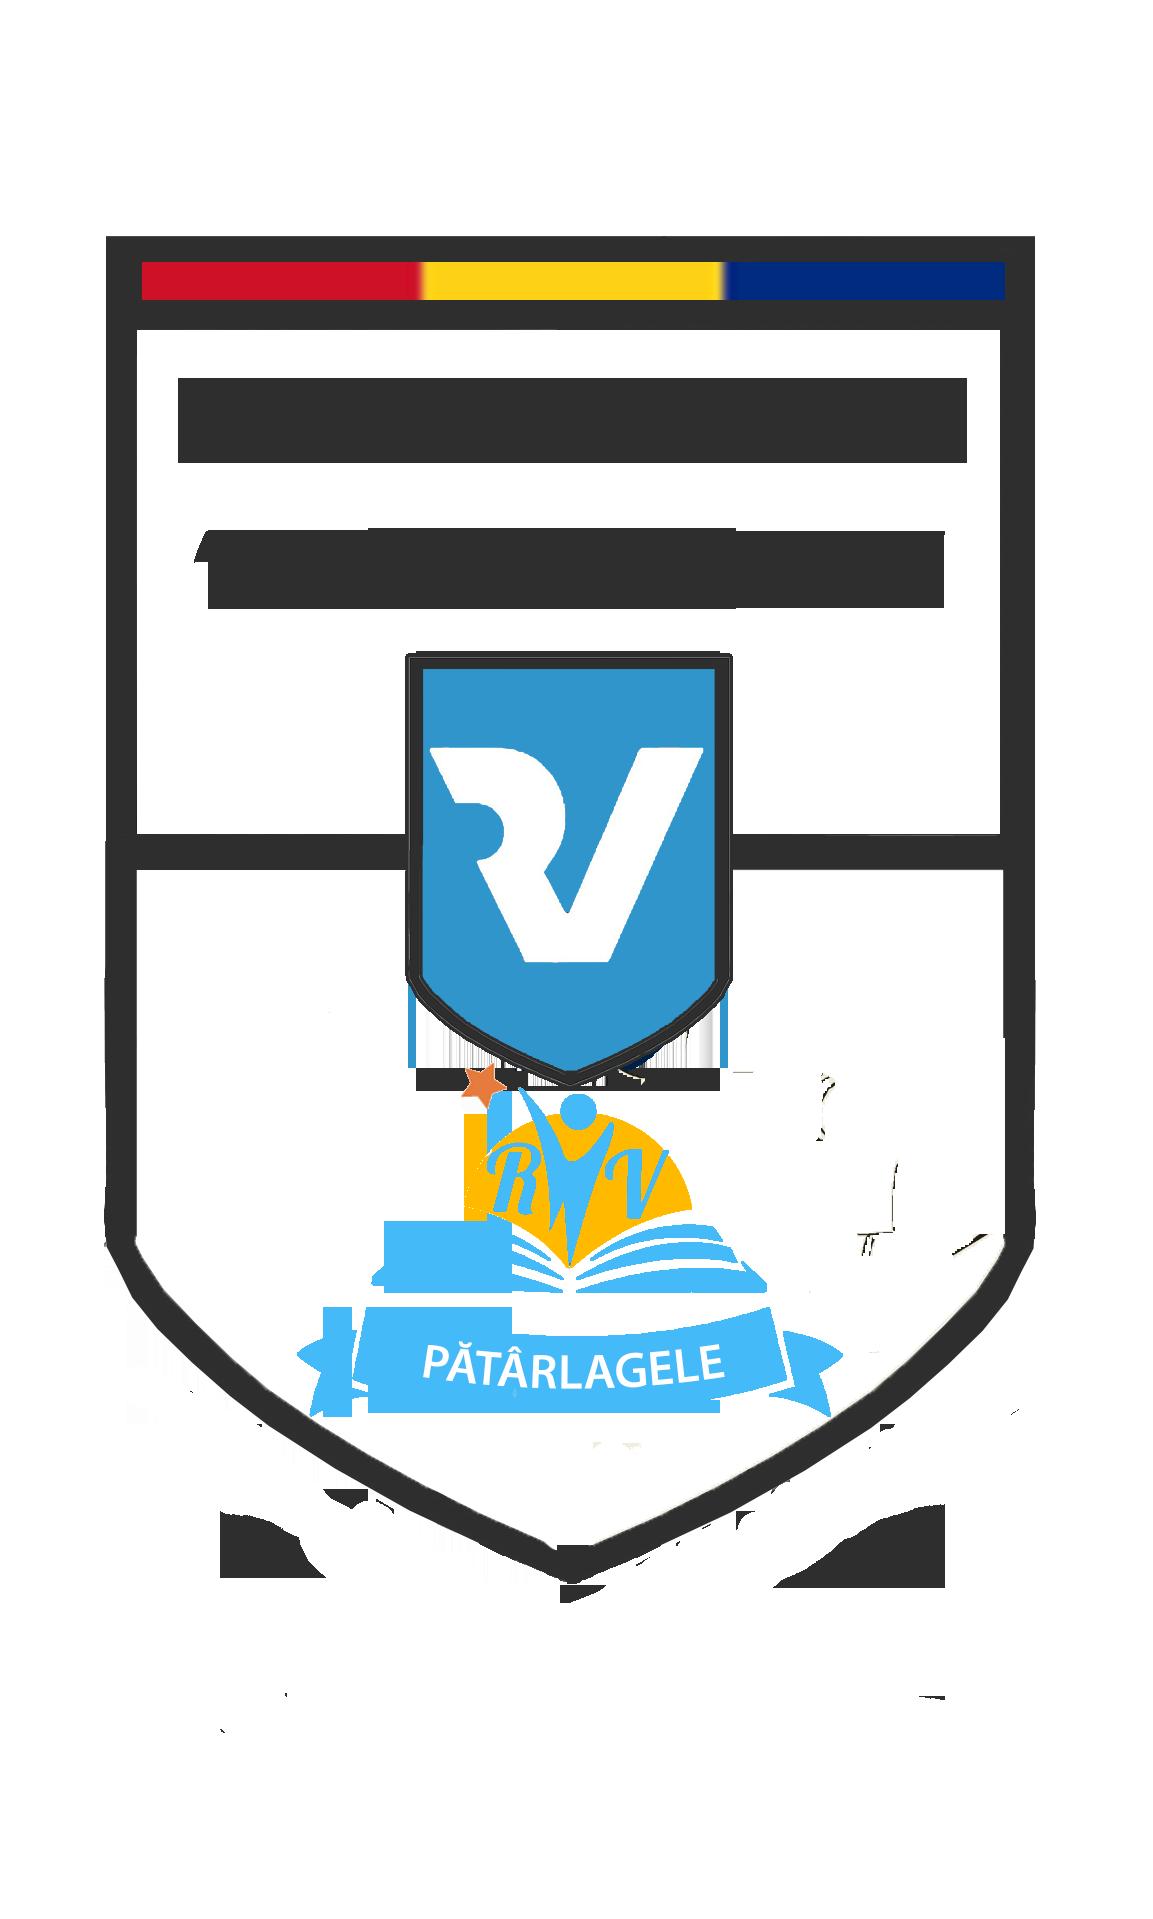 Liceul Teoretic Radu Vlădescu